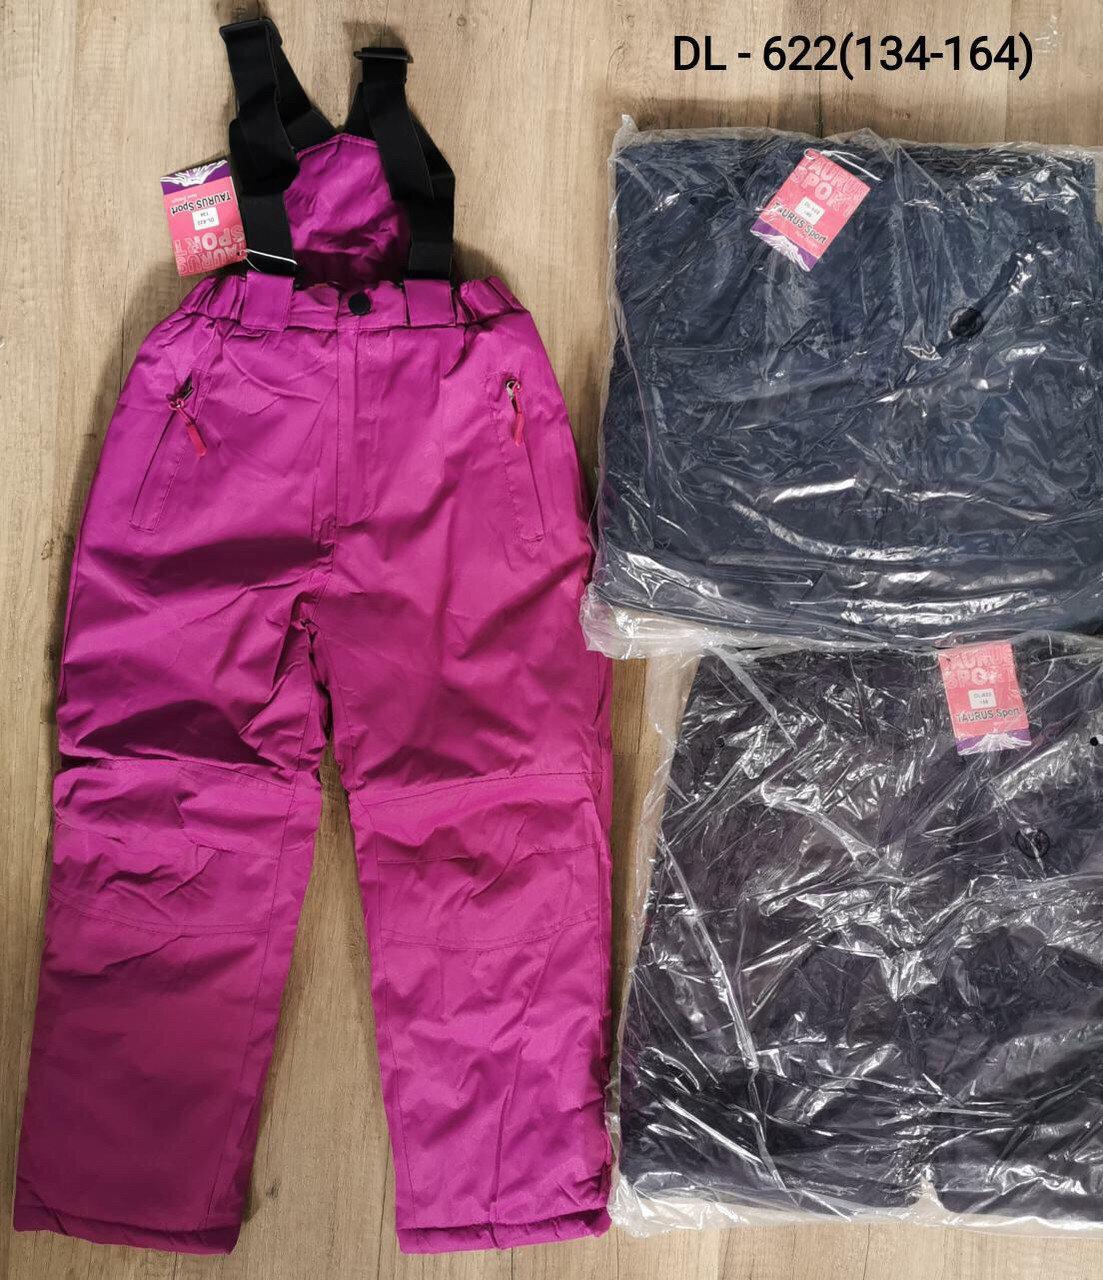 Полукомбинезон (лыжные штаны) для девочек оптом, Taurus, размеры 134-164р , арт. DL-622